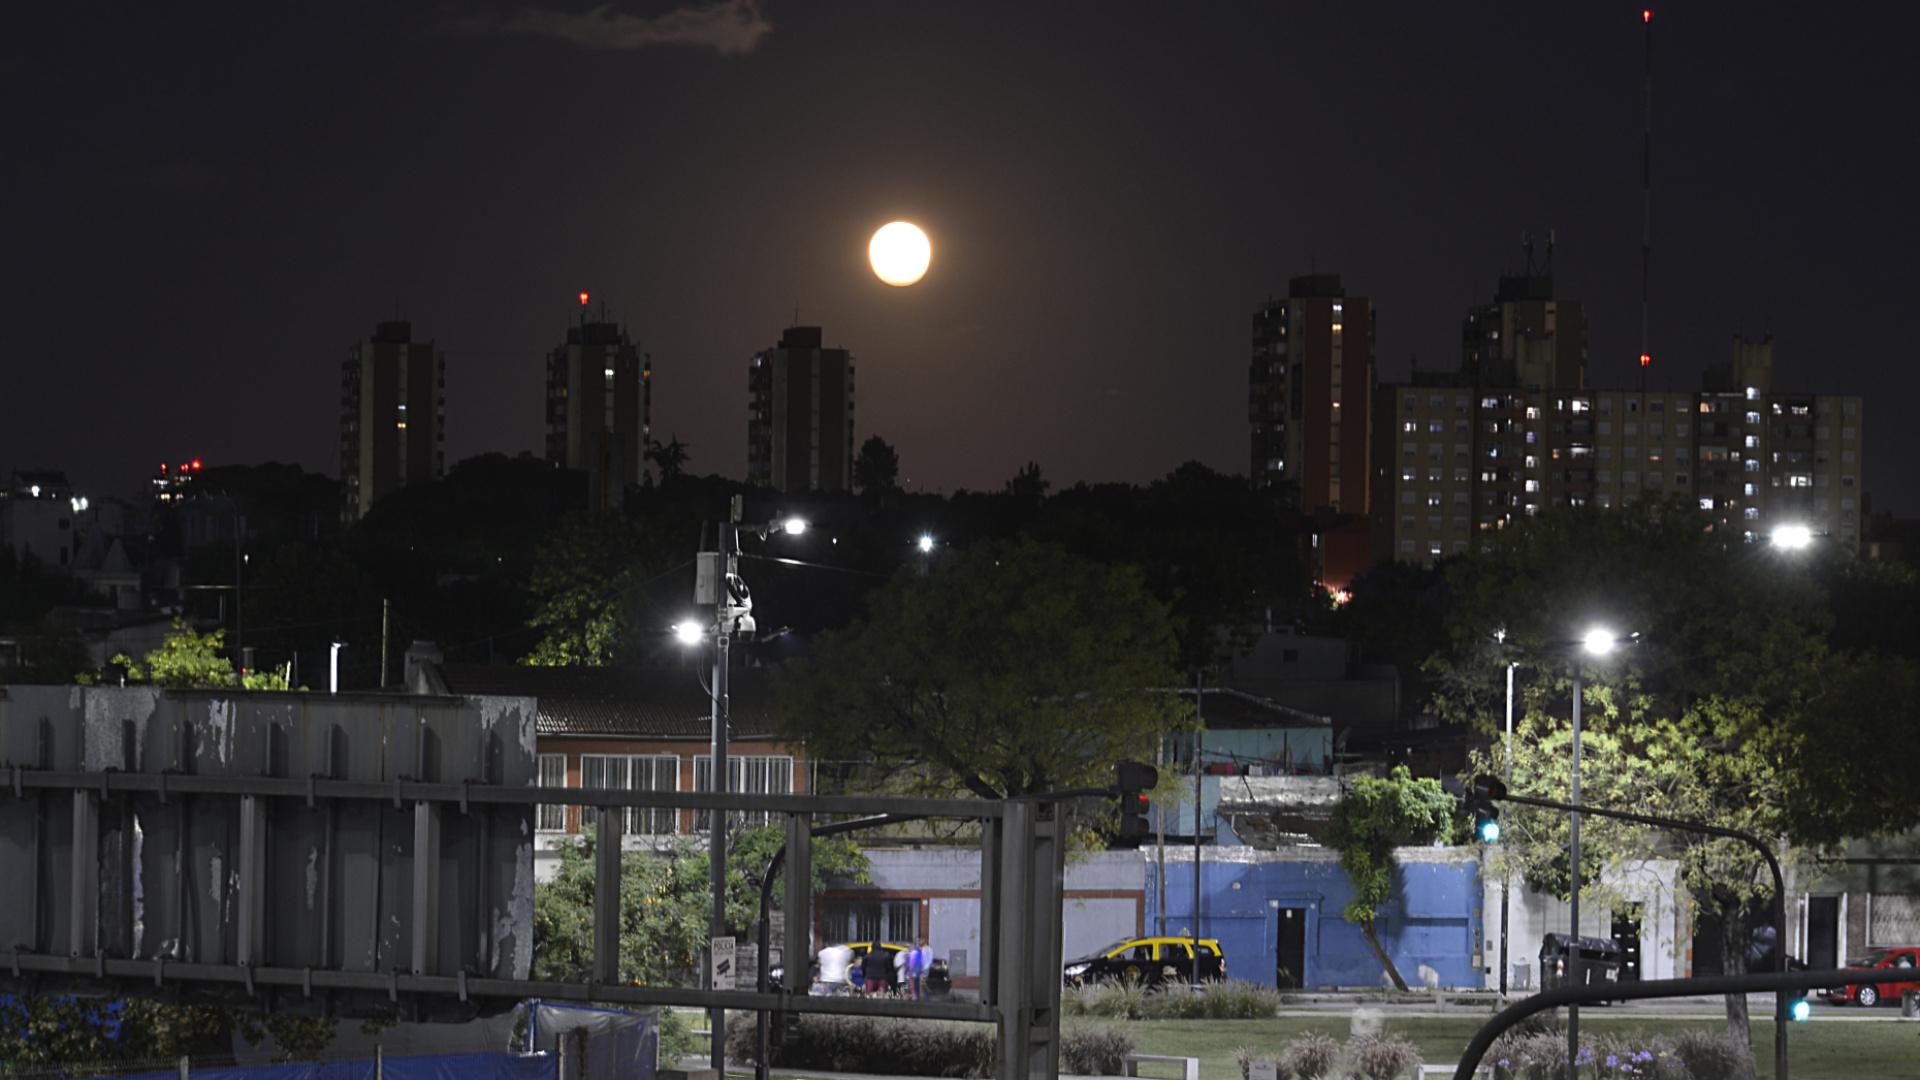 La conocida luna llena cambió de color al reflejar la sombra de la tierra